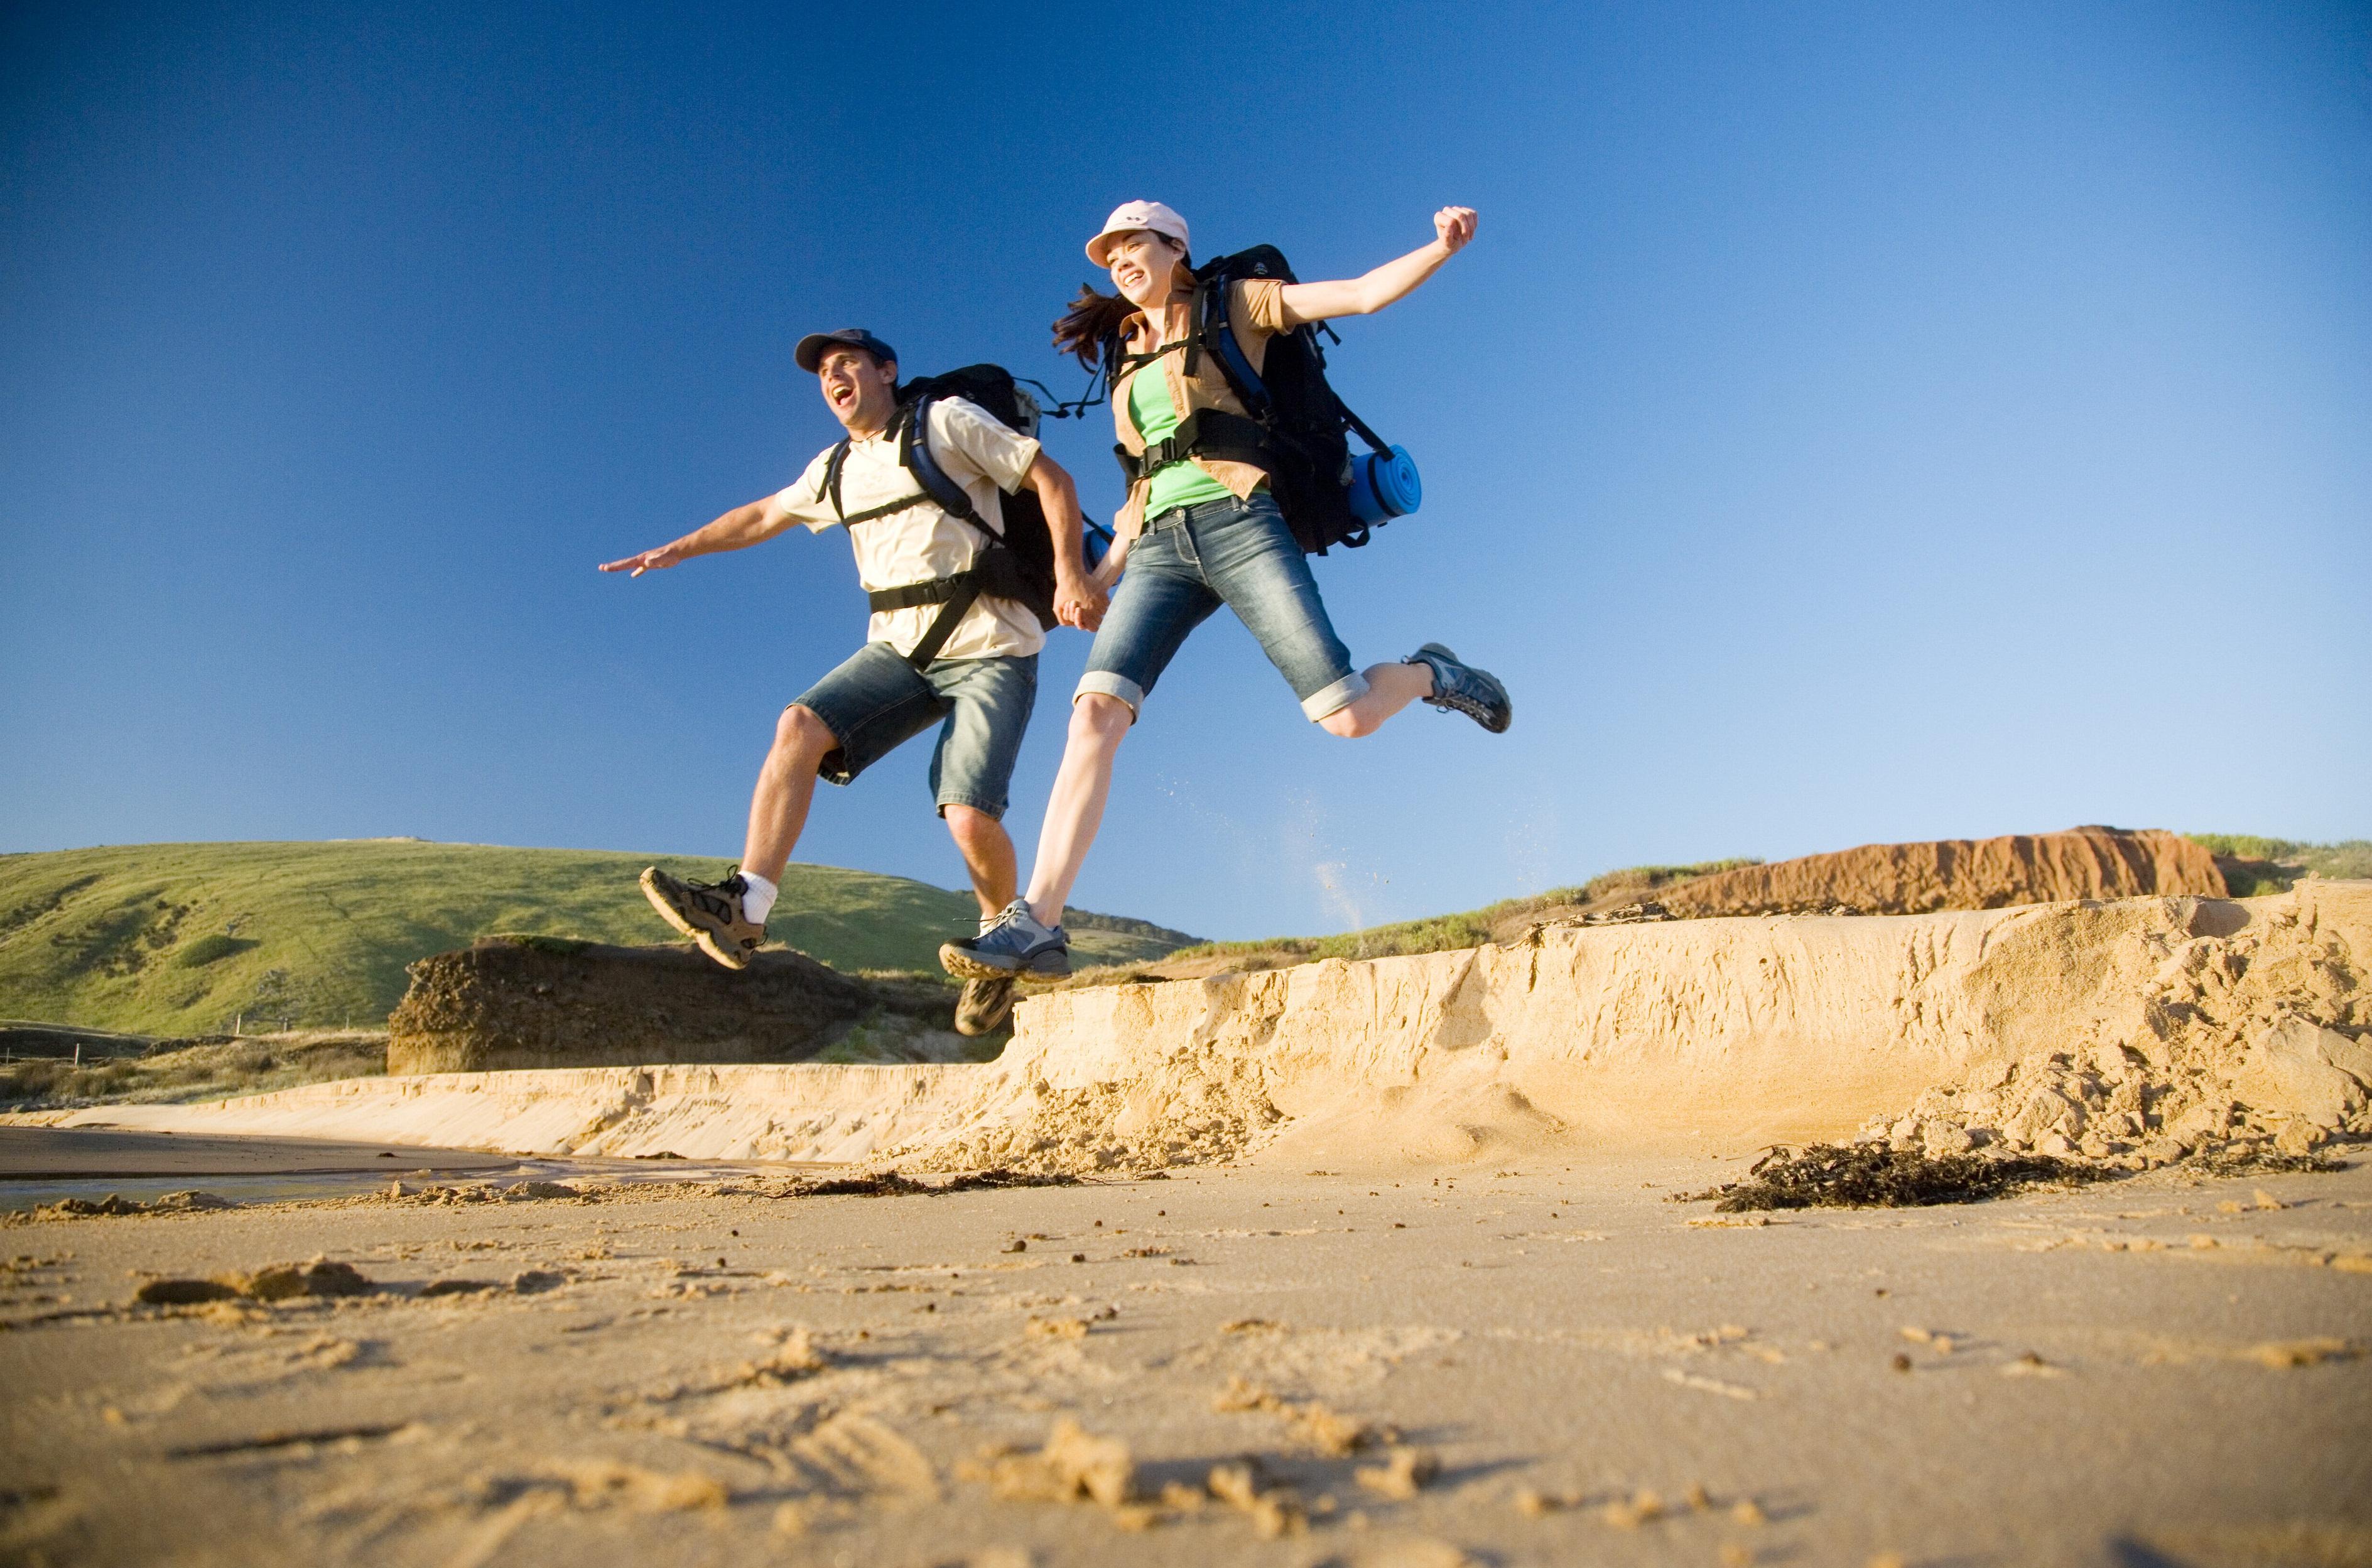 七個旅行的理由 ✈ 趁著年輕來一次離家出走吧!